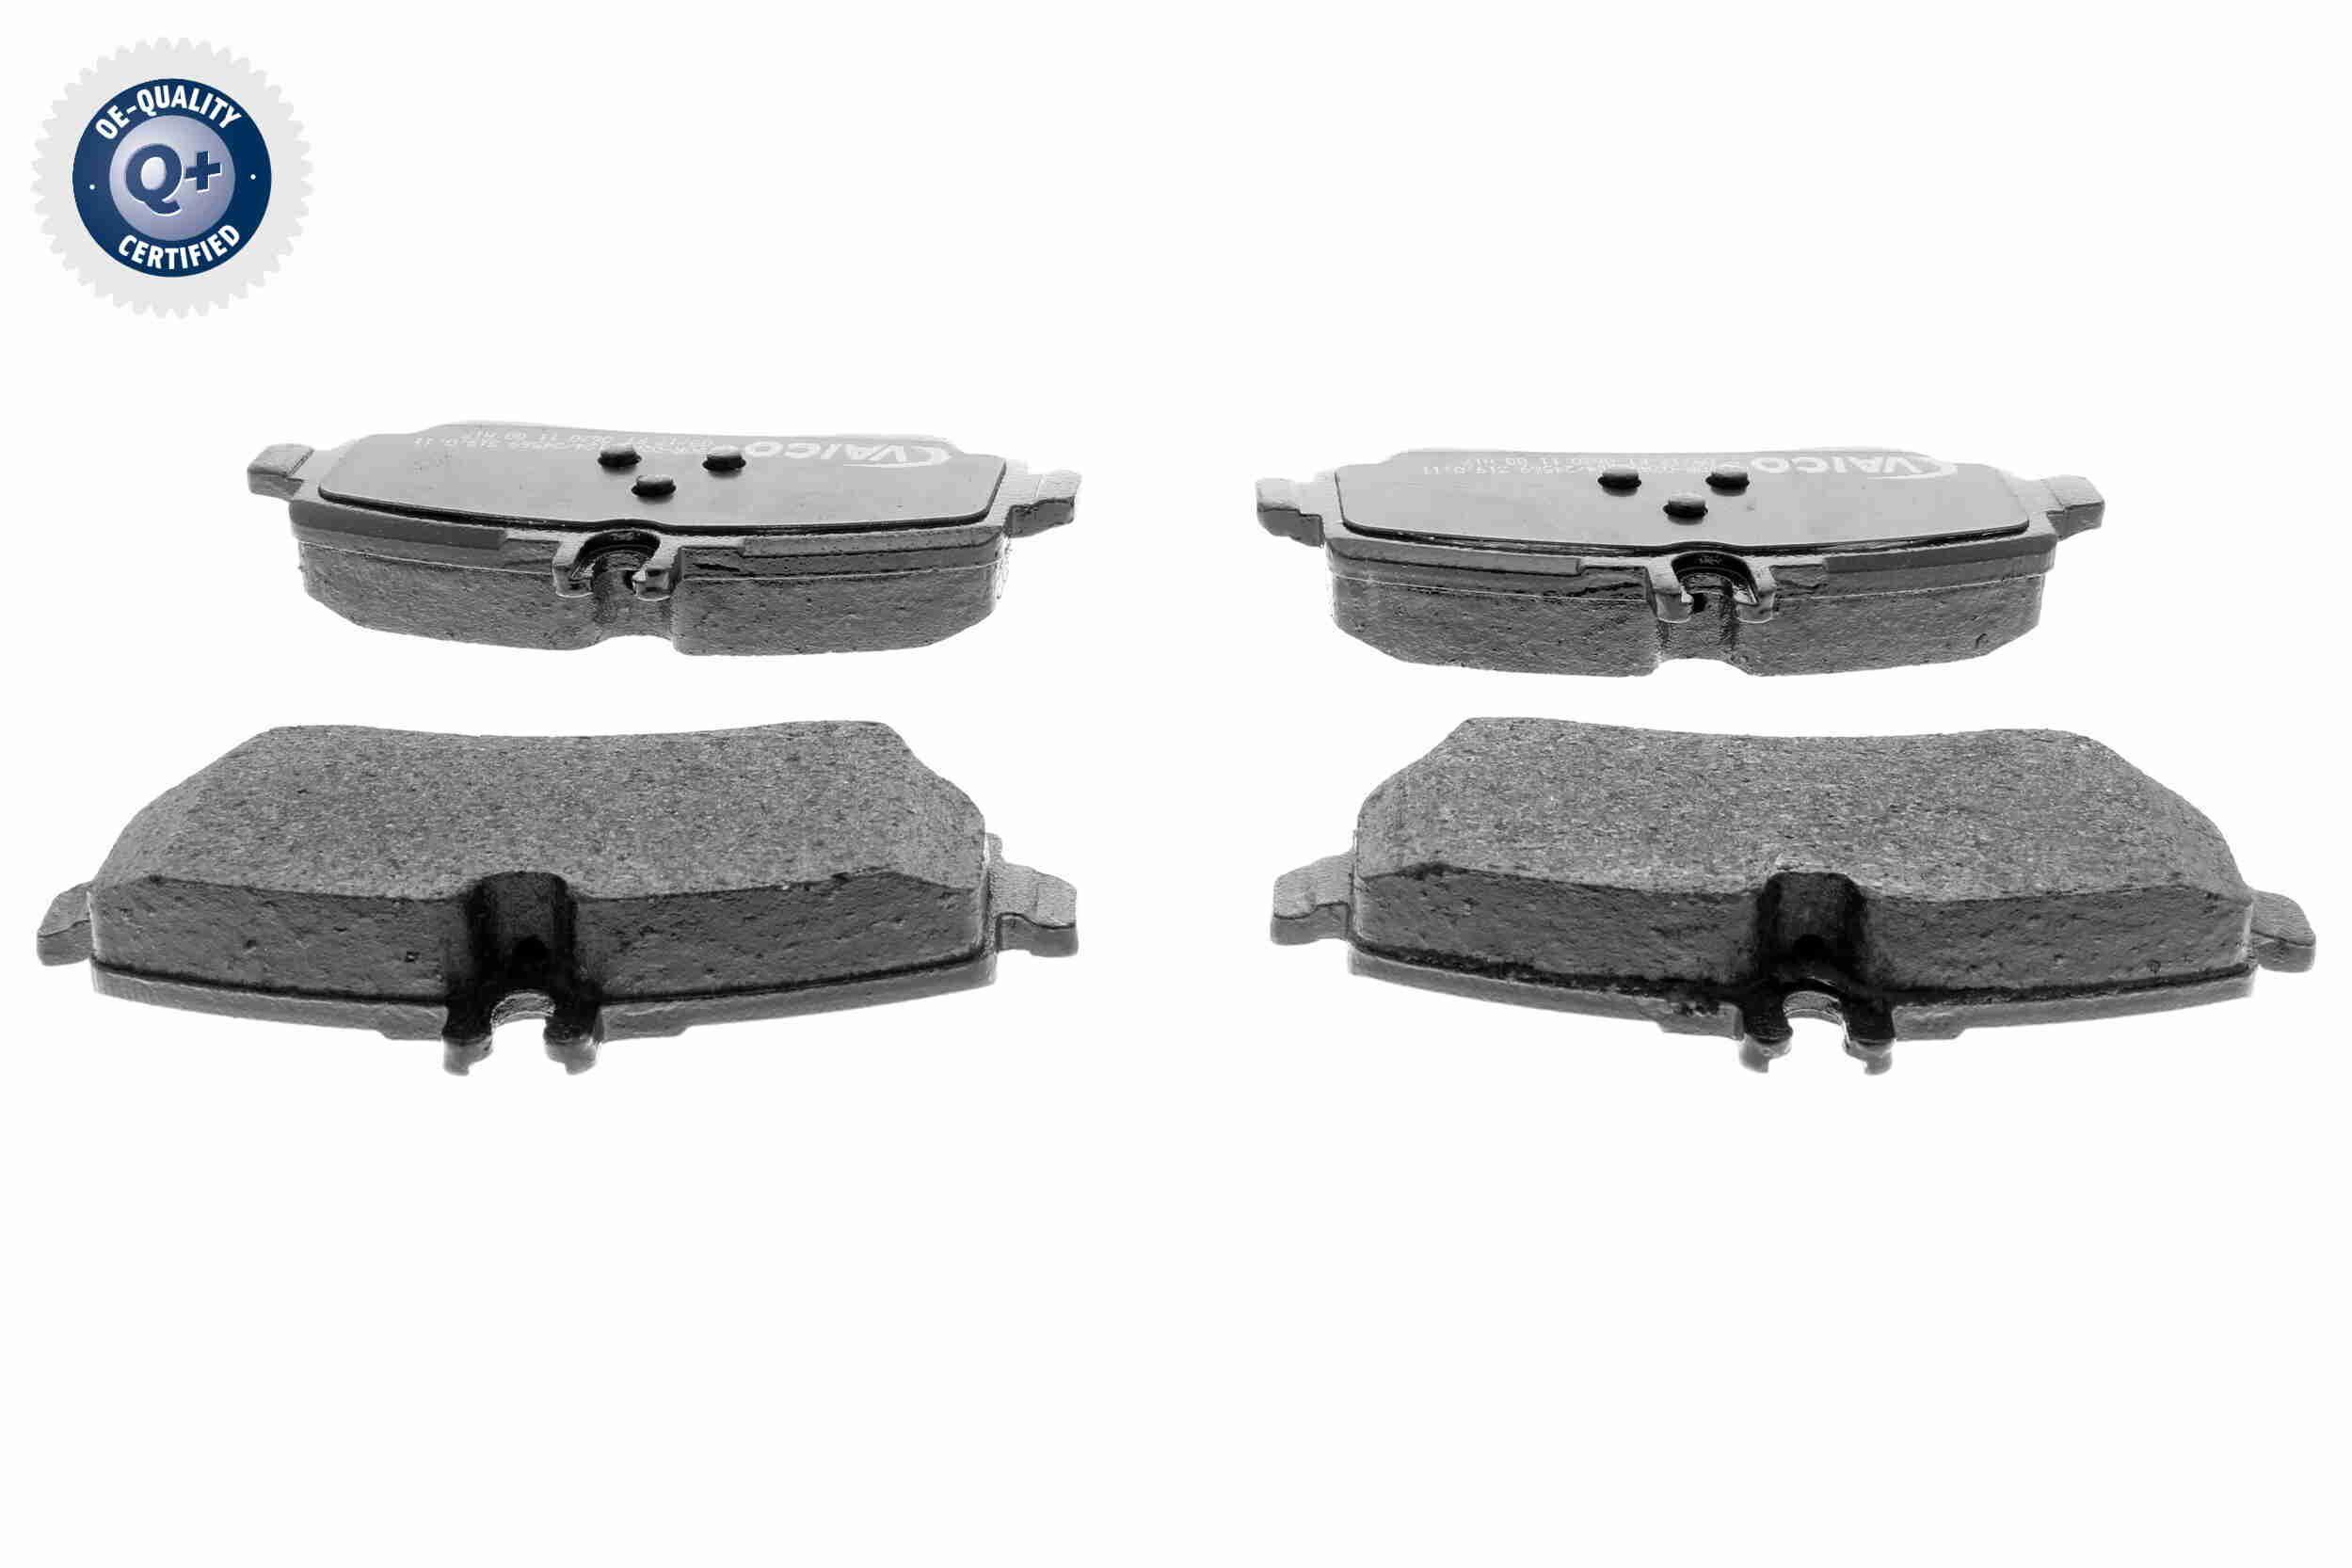 Bremsbeläge VAICO V30-8141